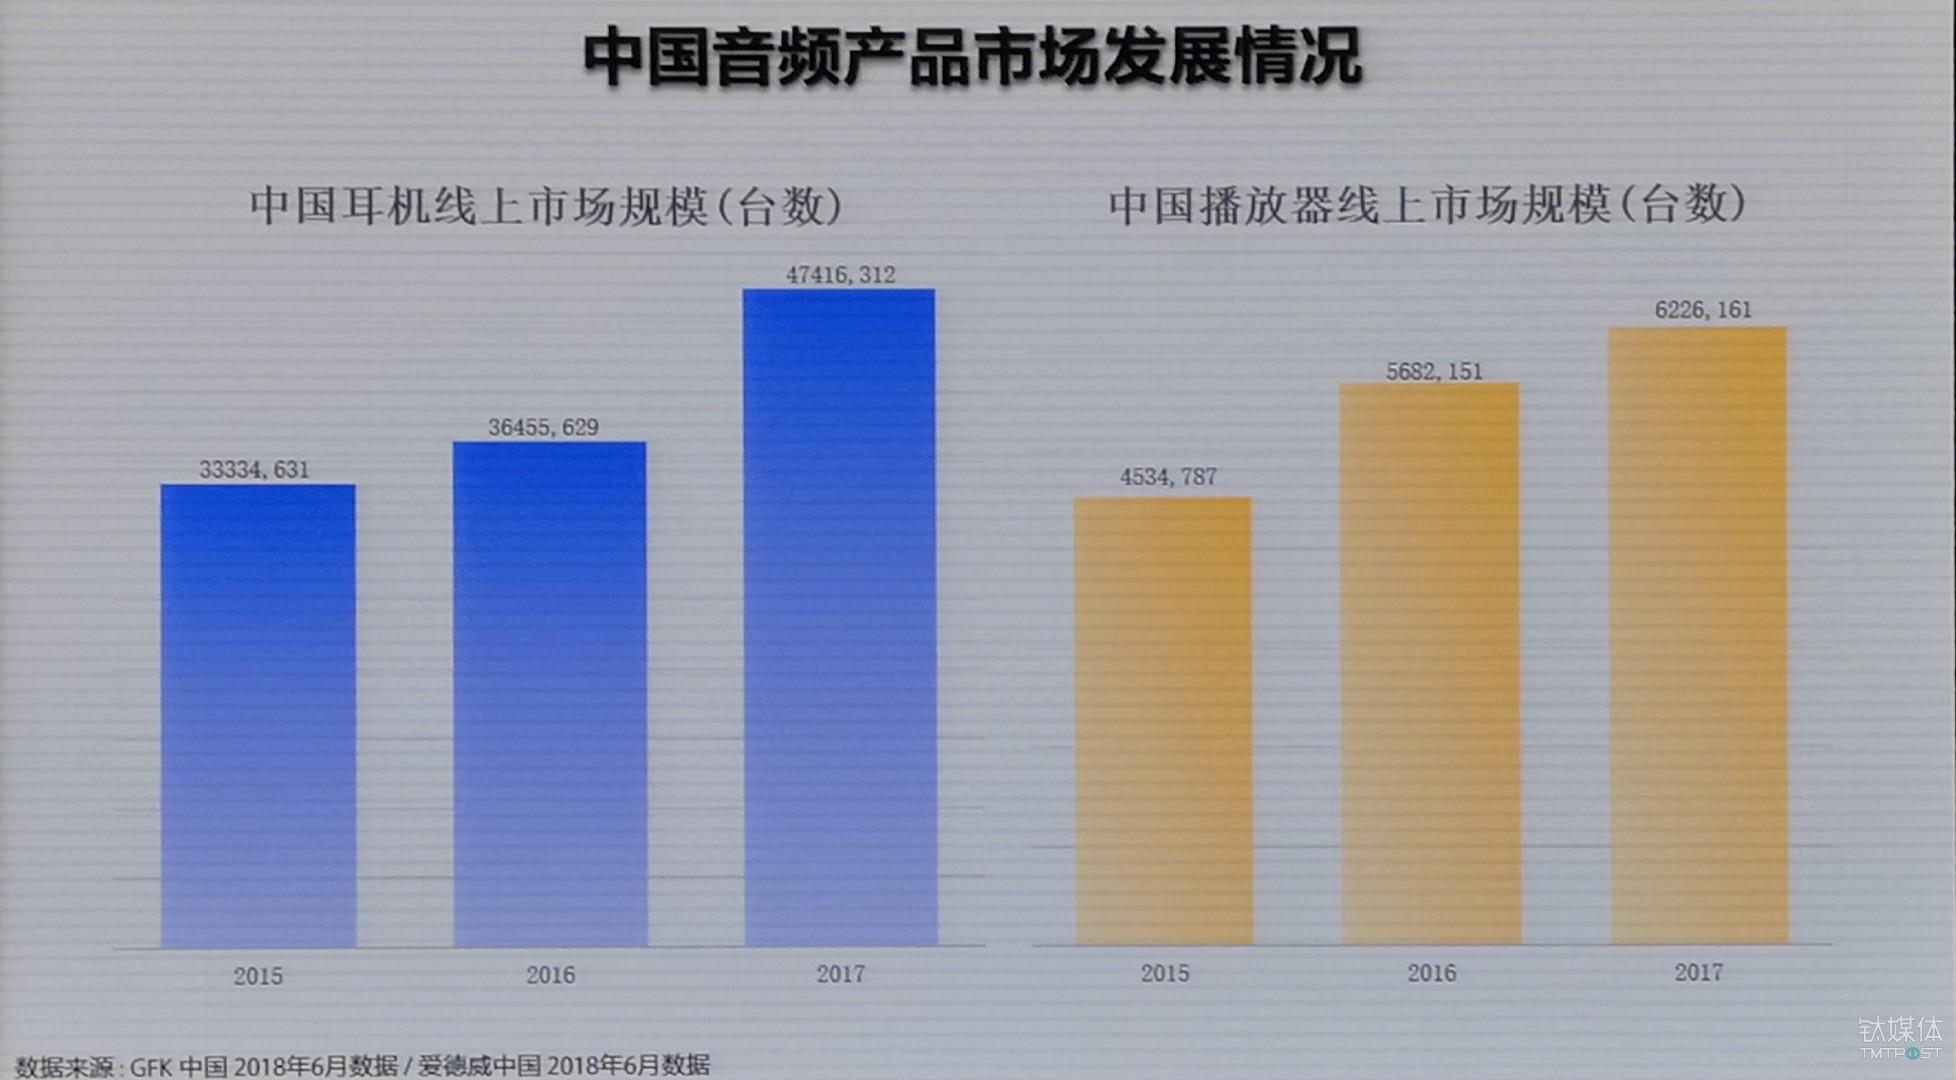 中国音频产品市场情况